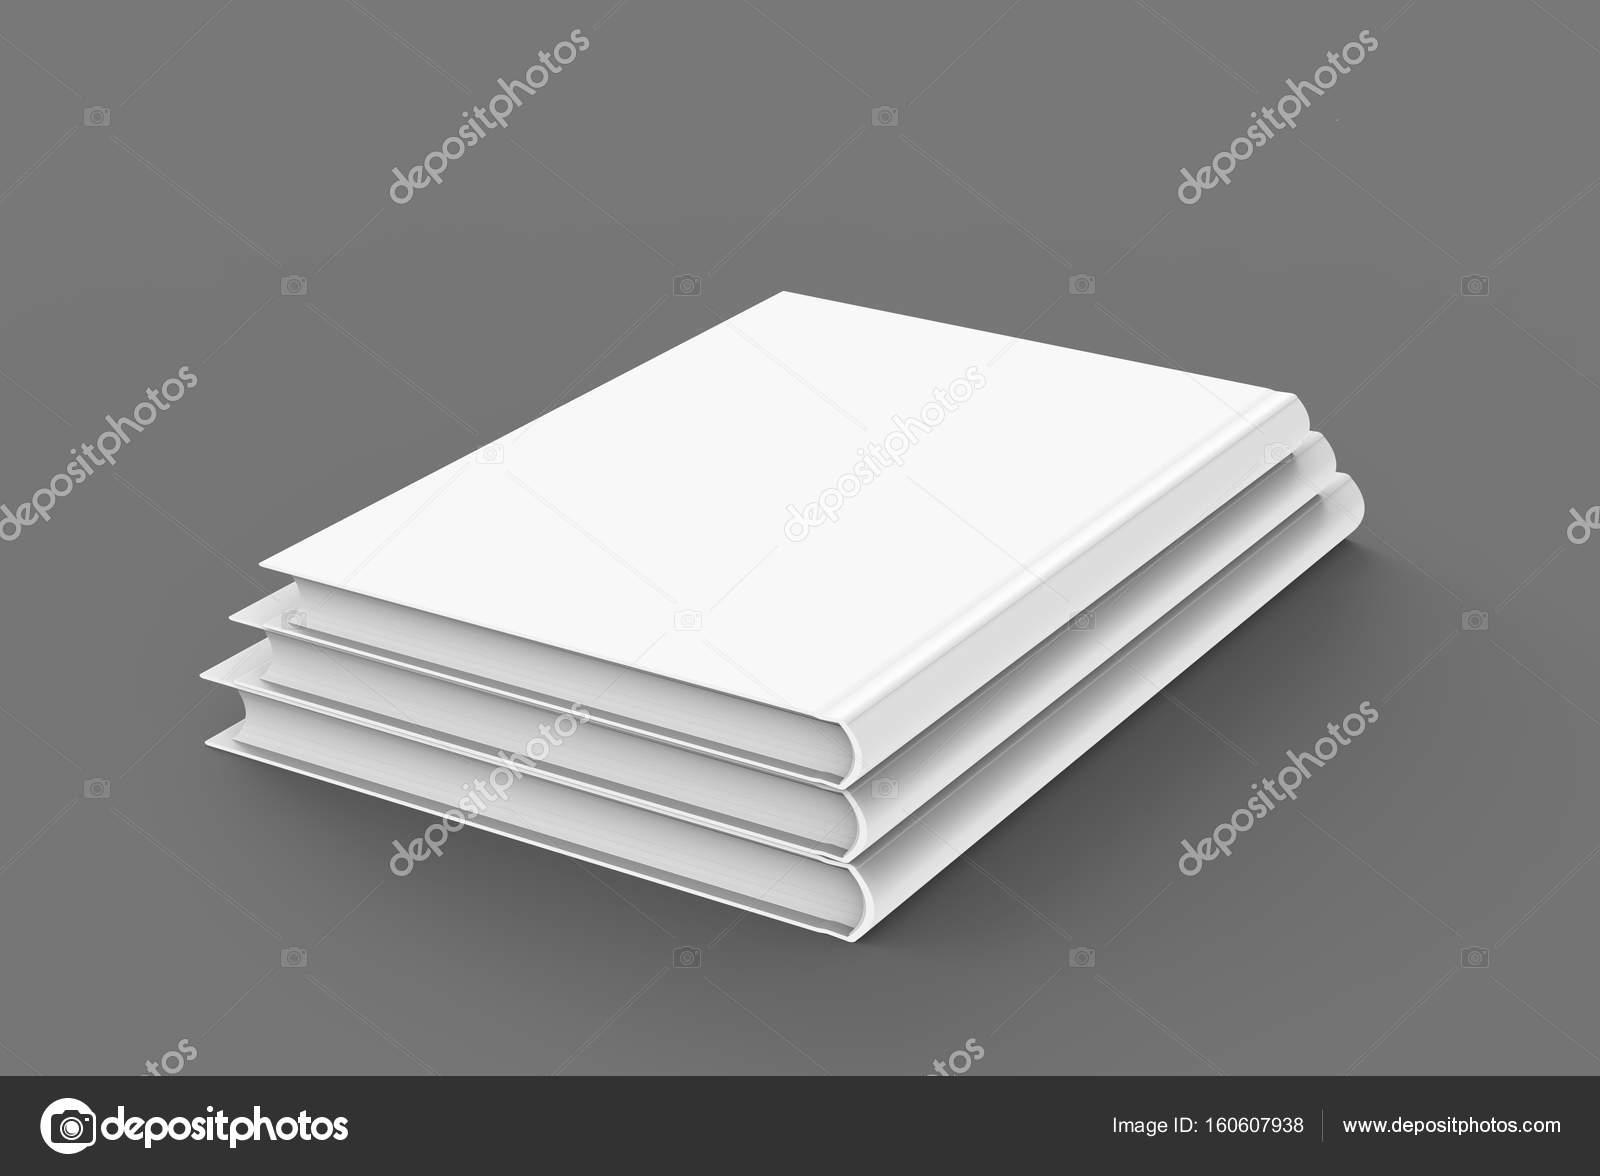 Hardcover-Bücher-Vorlage — Stockfoto © kchungtw #160607938